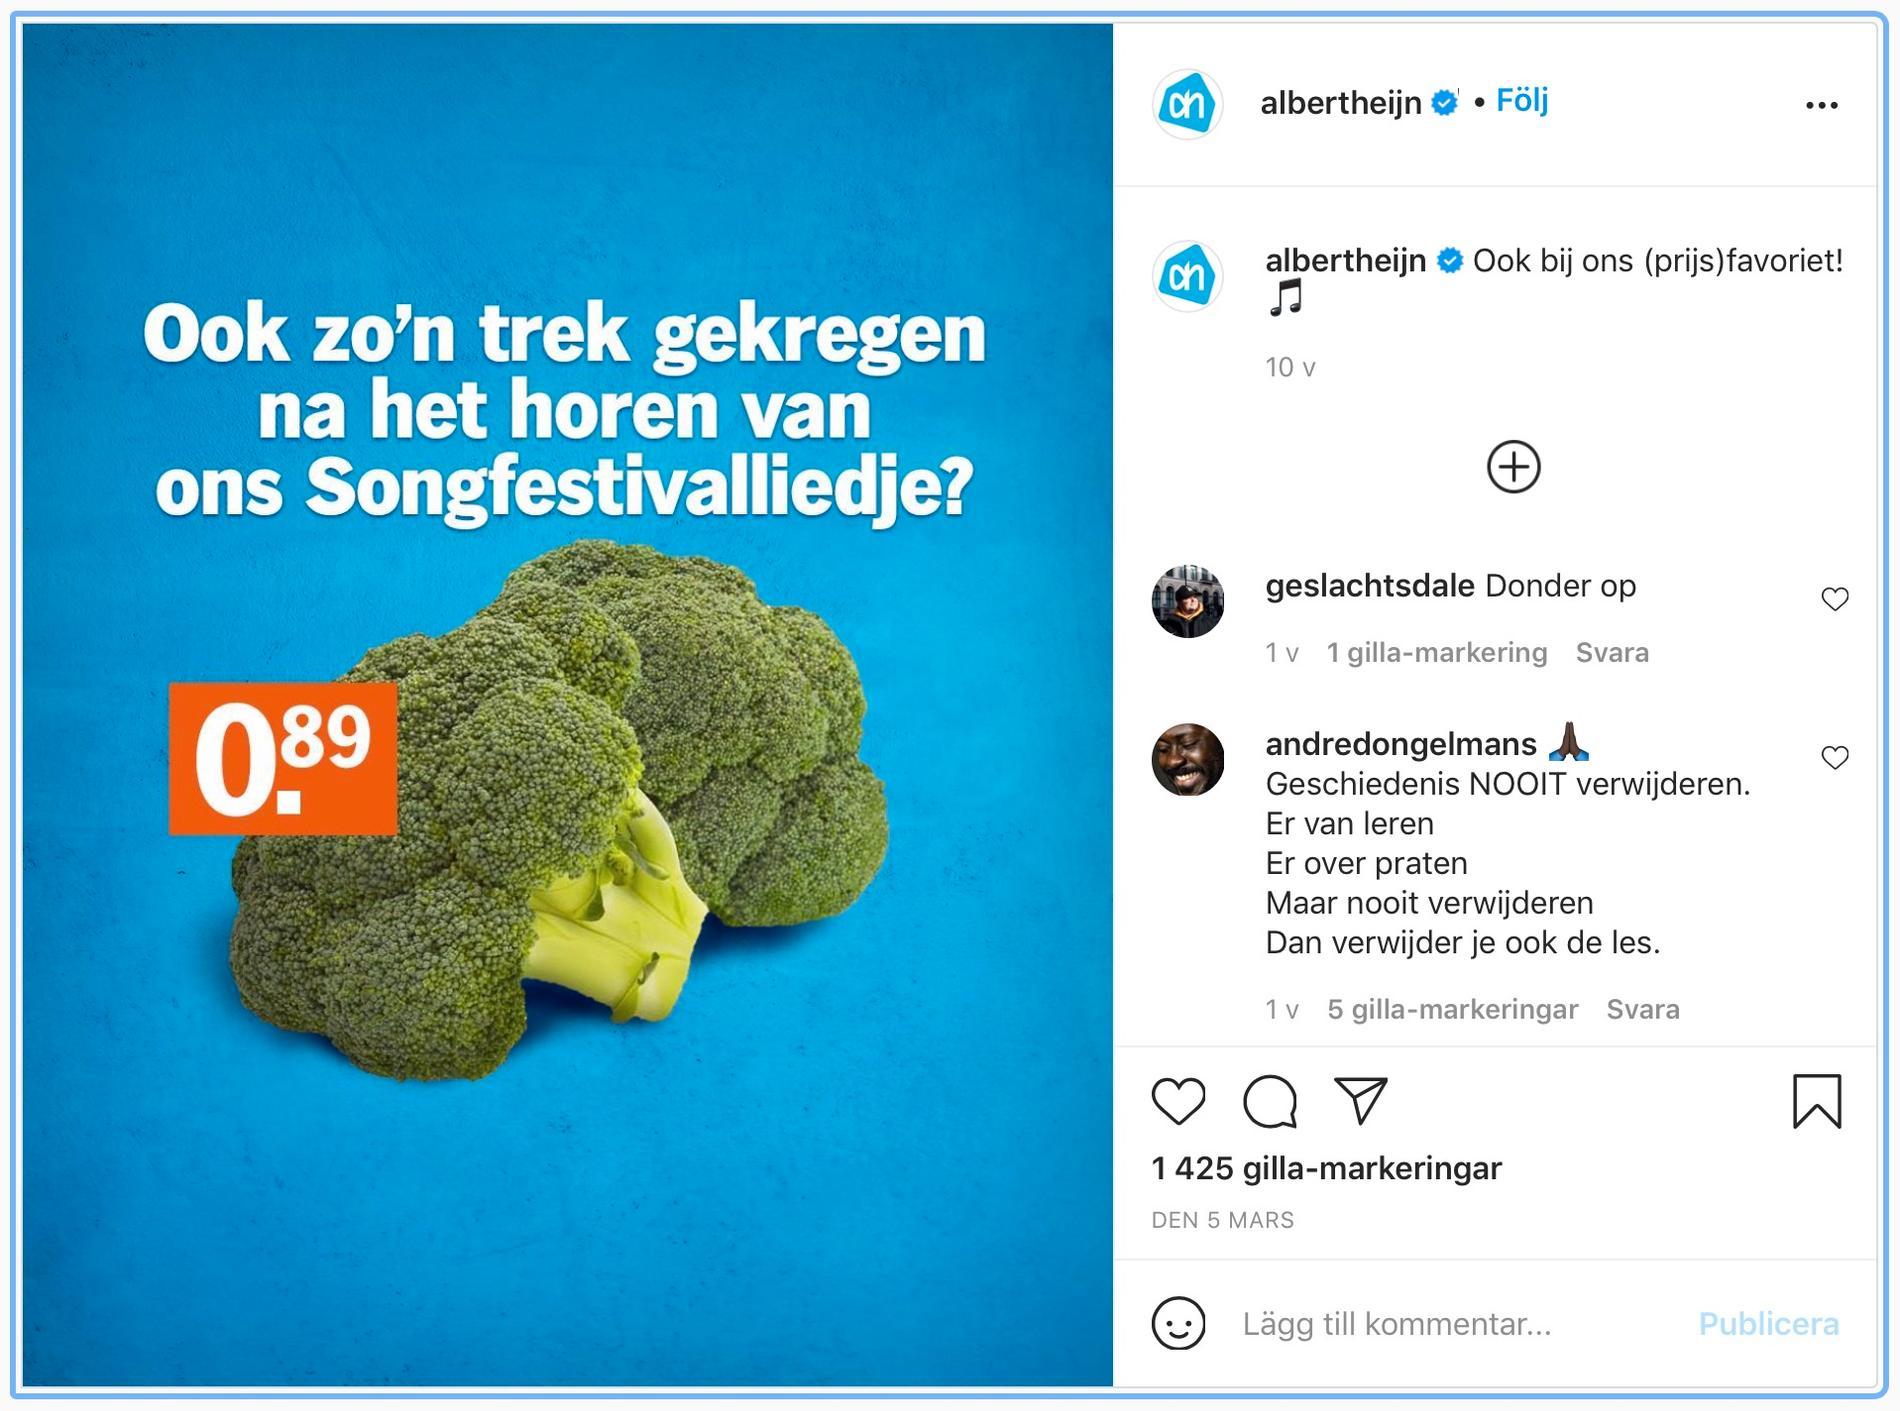 Albert Heijns reklam fick skarp kritik i sociala medier.